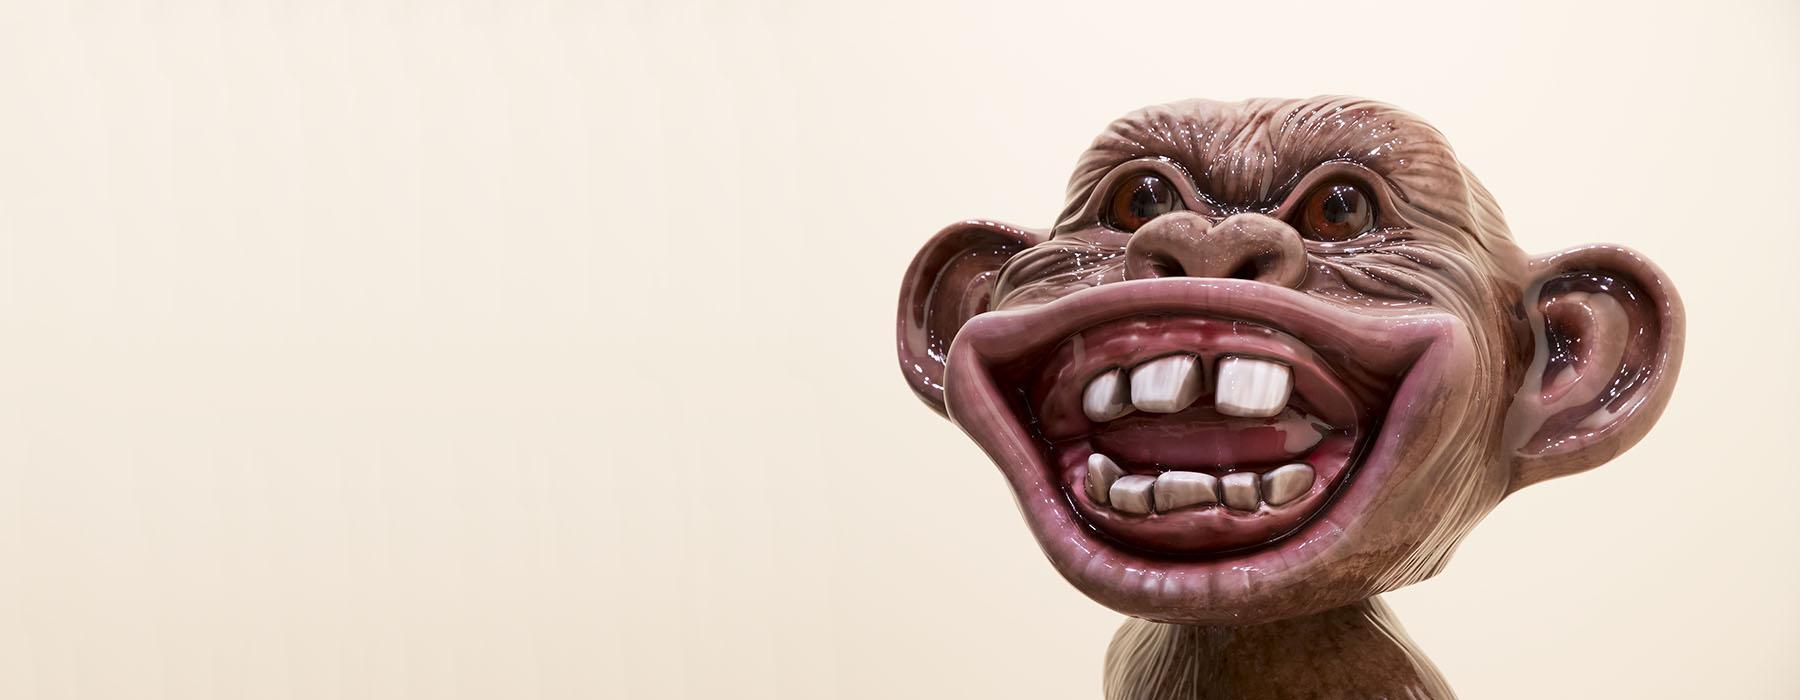 Shiny smiling monkey face